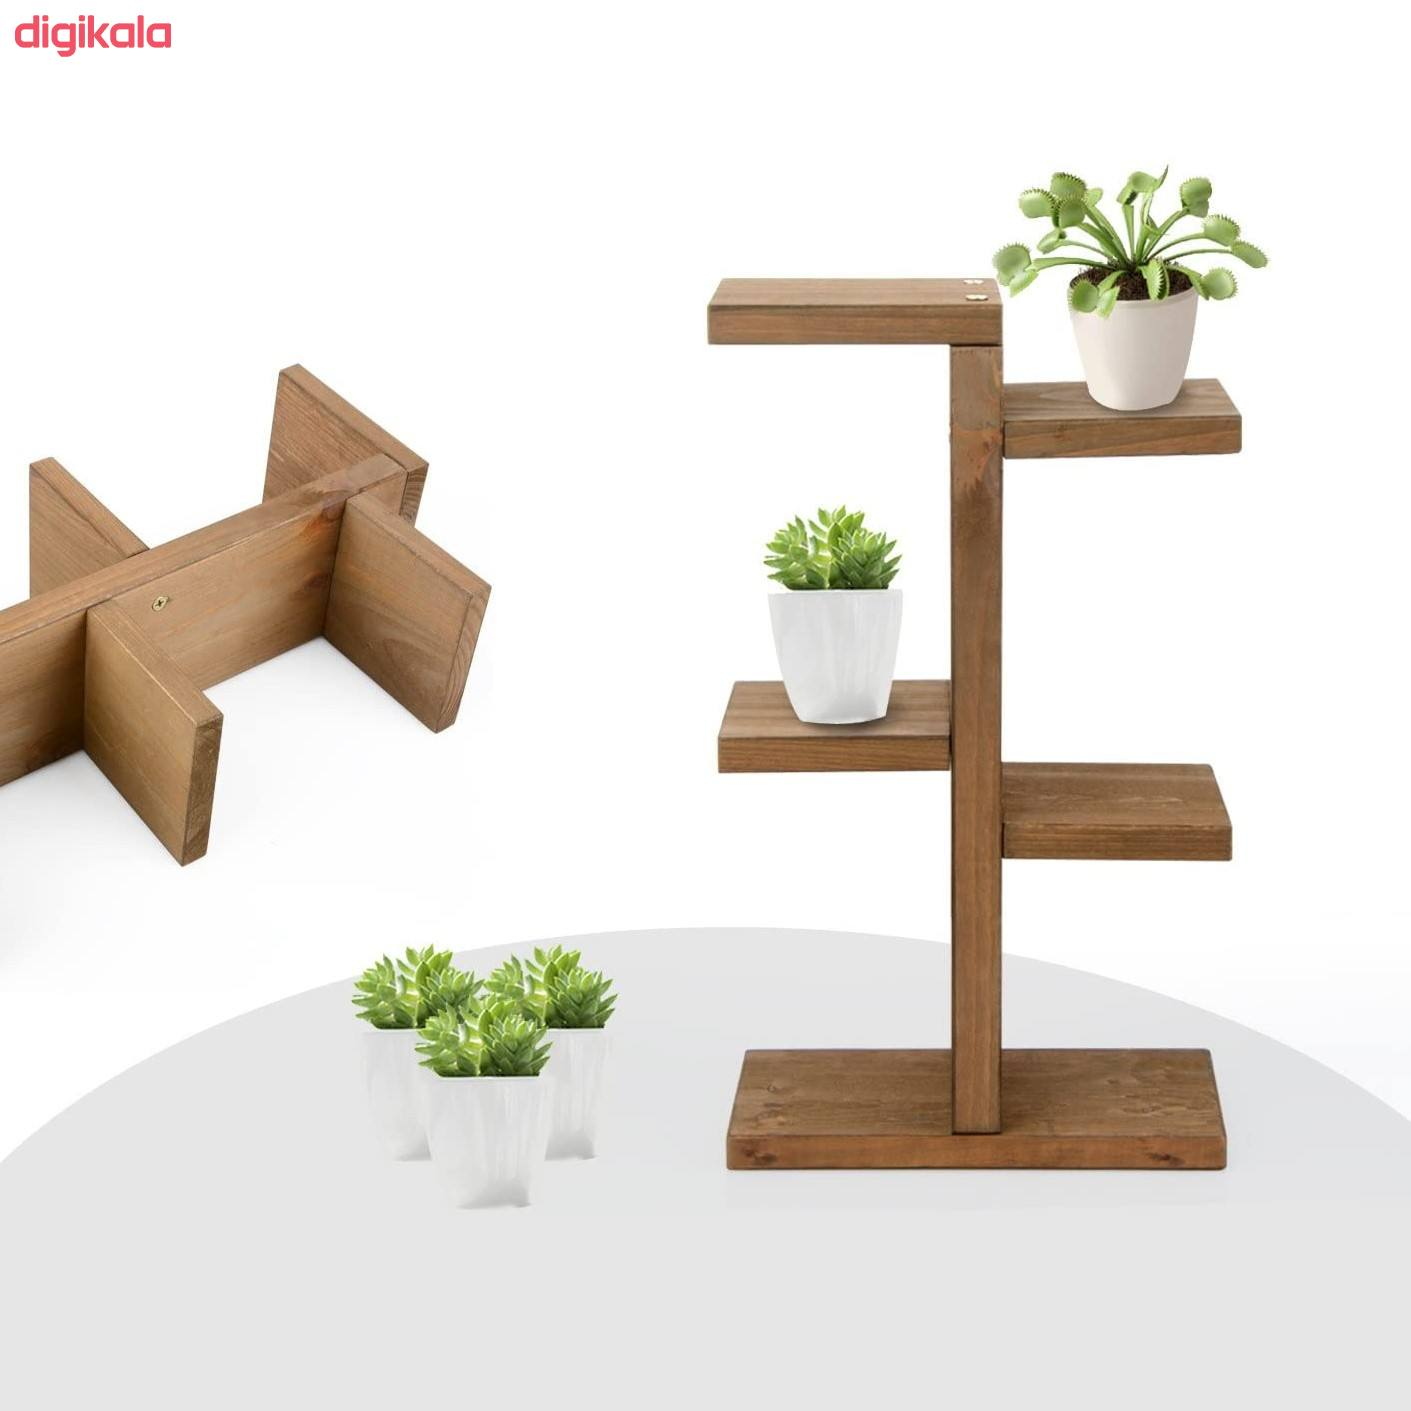 استند گلدان  مدل tree  main 1 4